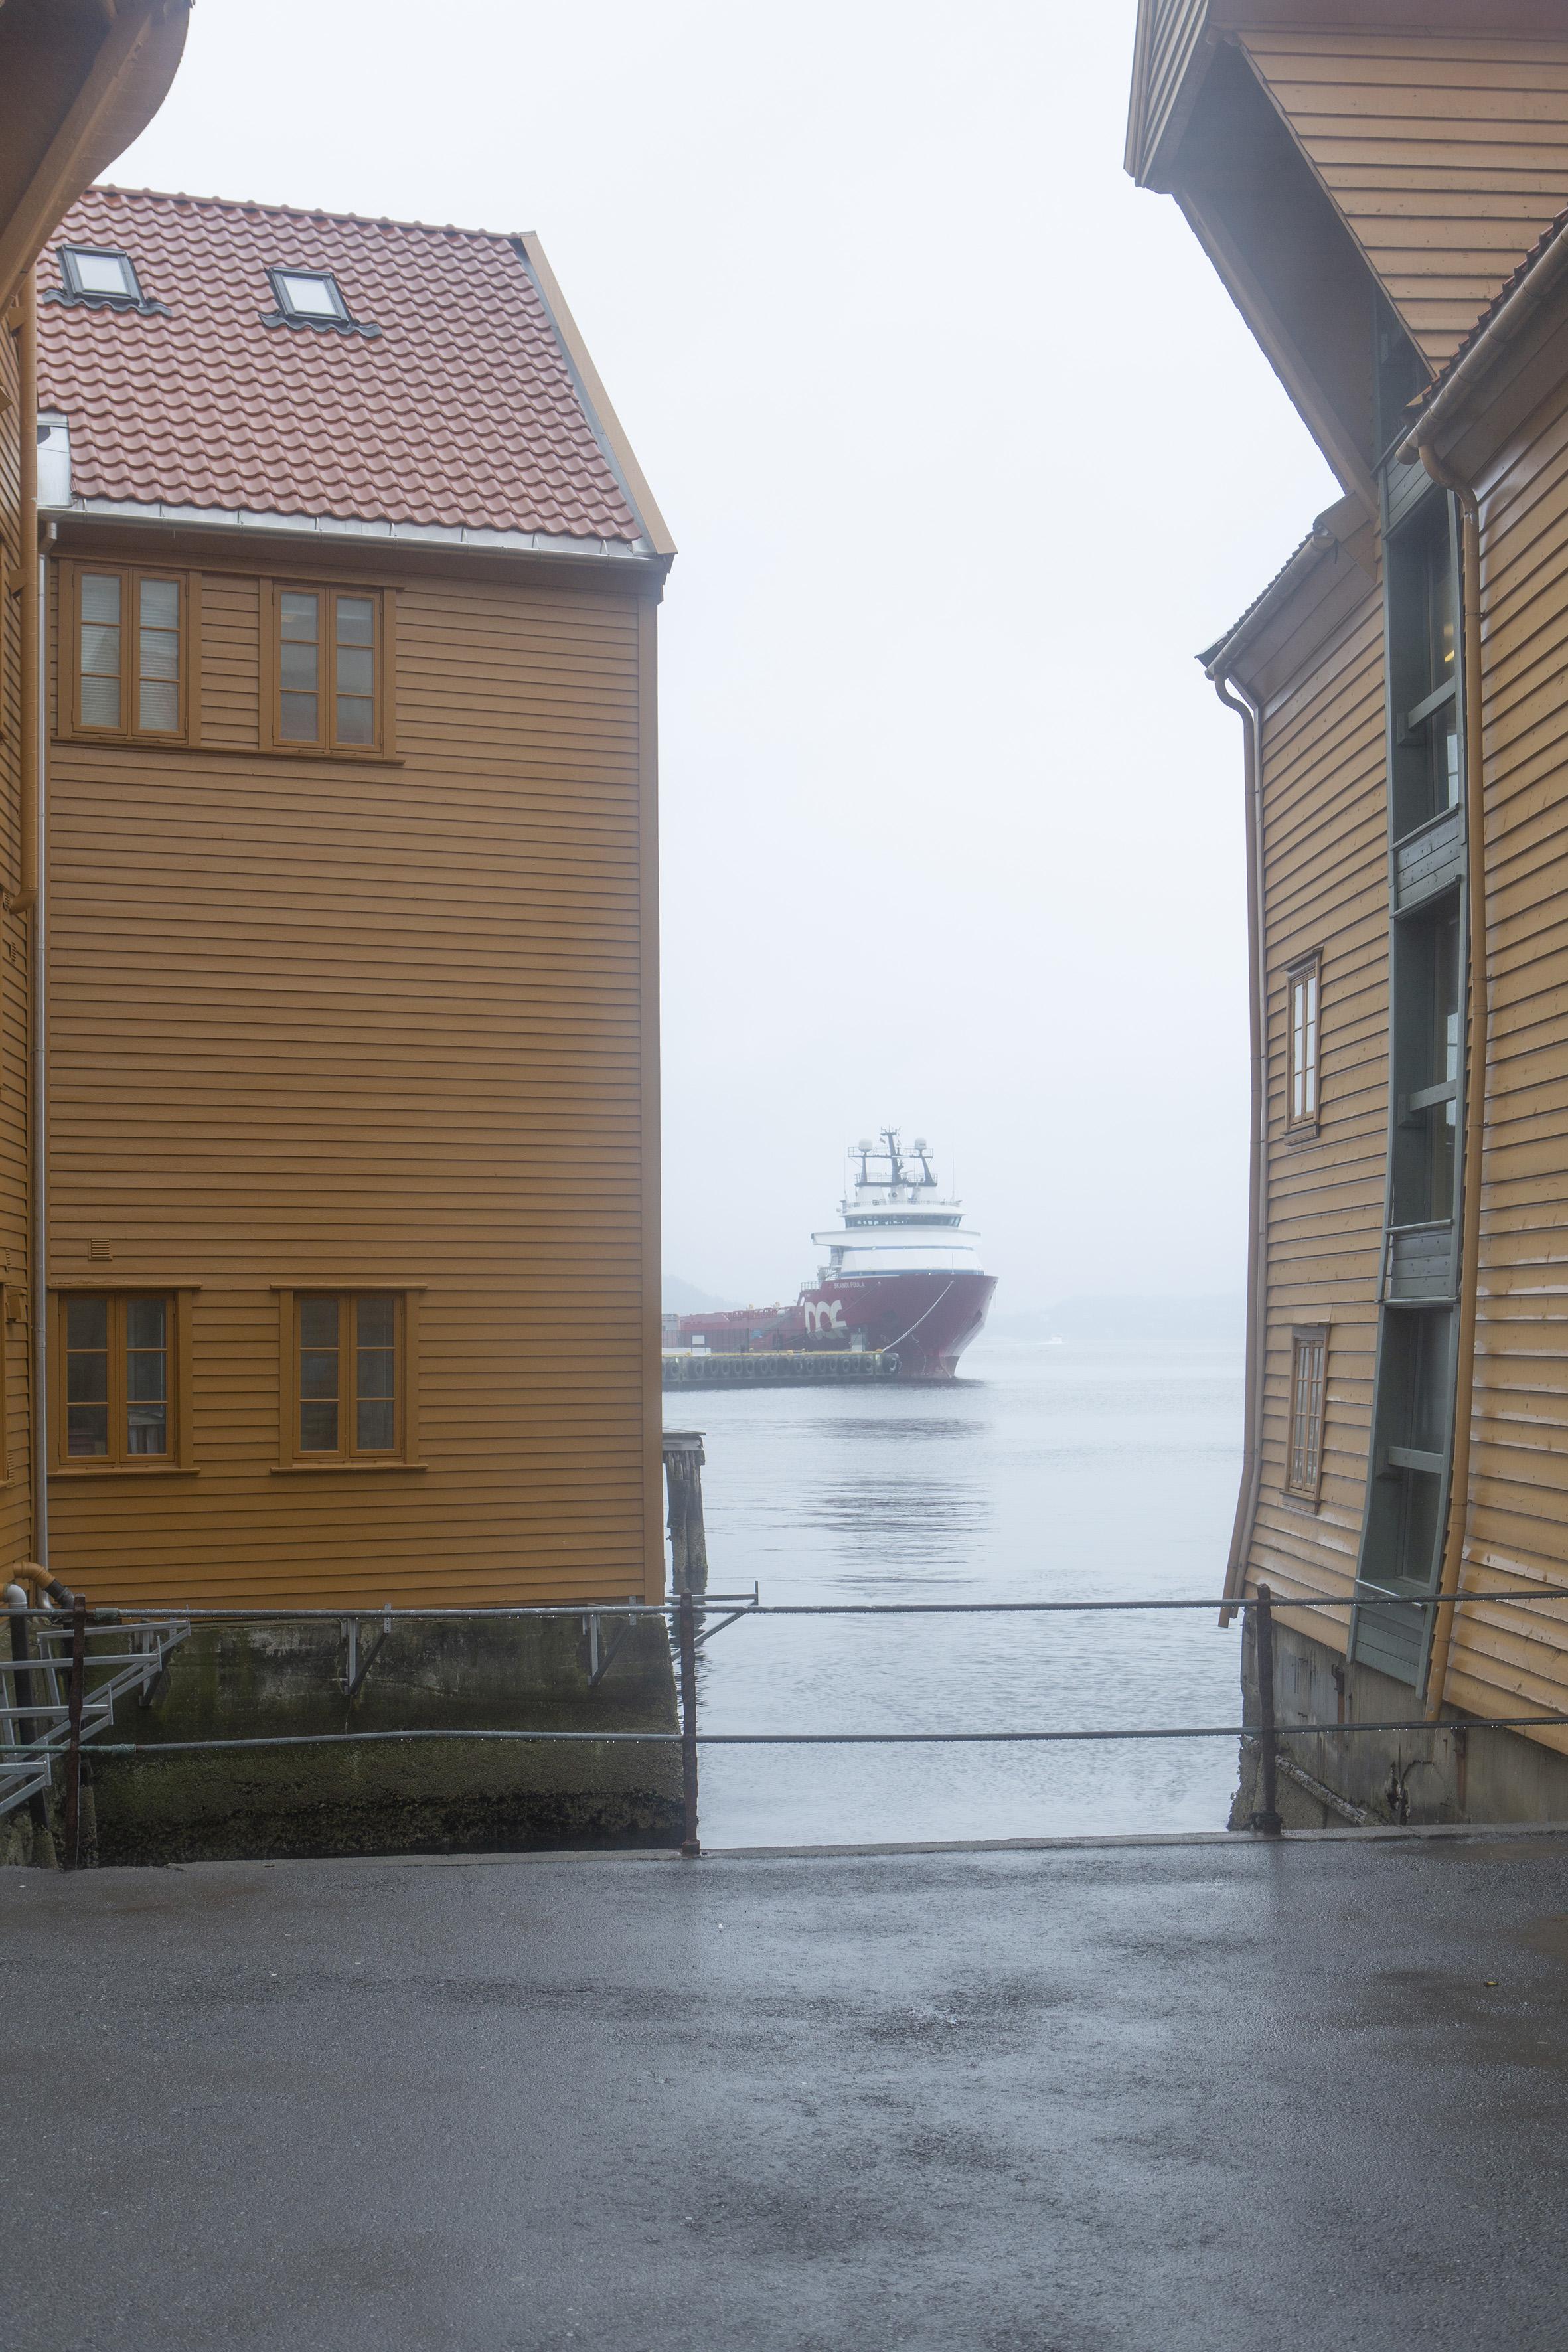 Hafen von Bergen. Foto: Giulia Mangione